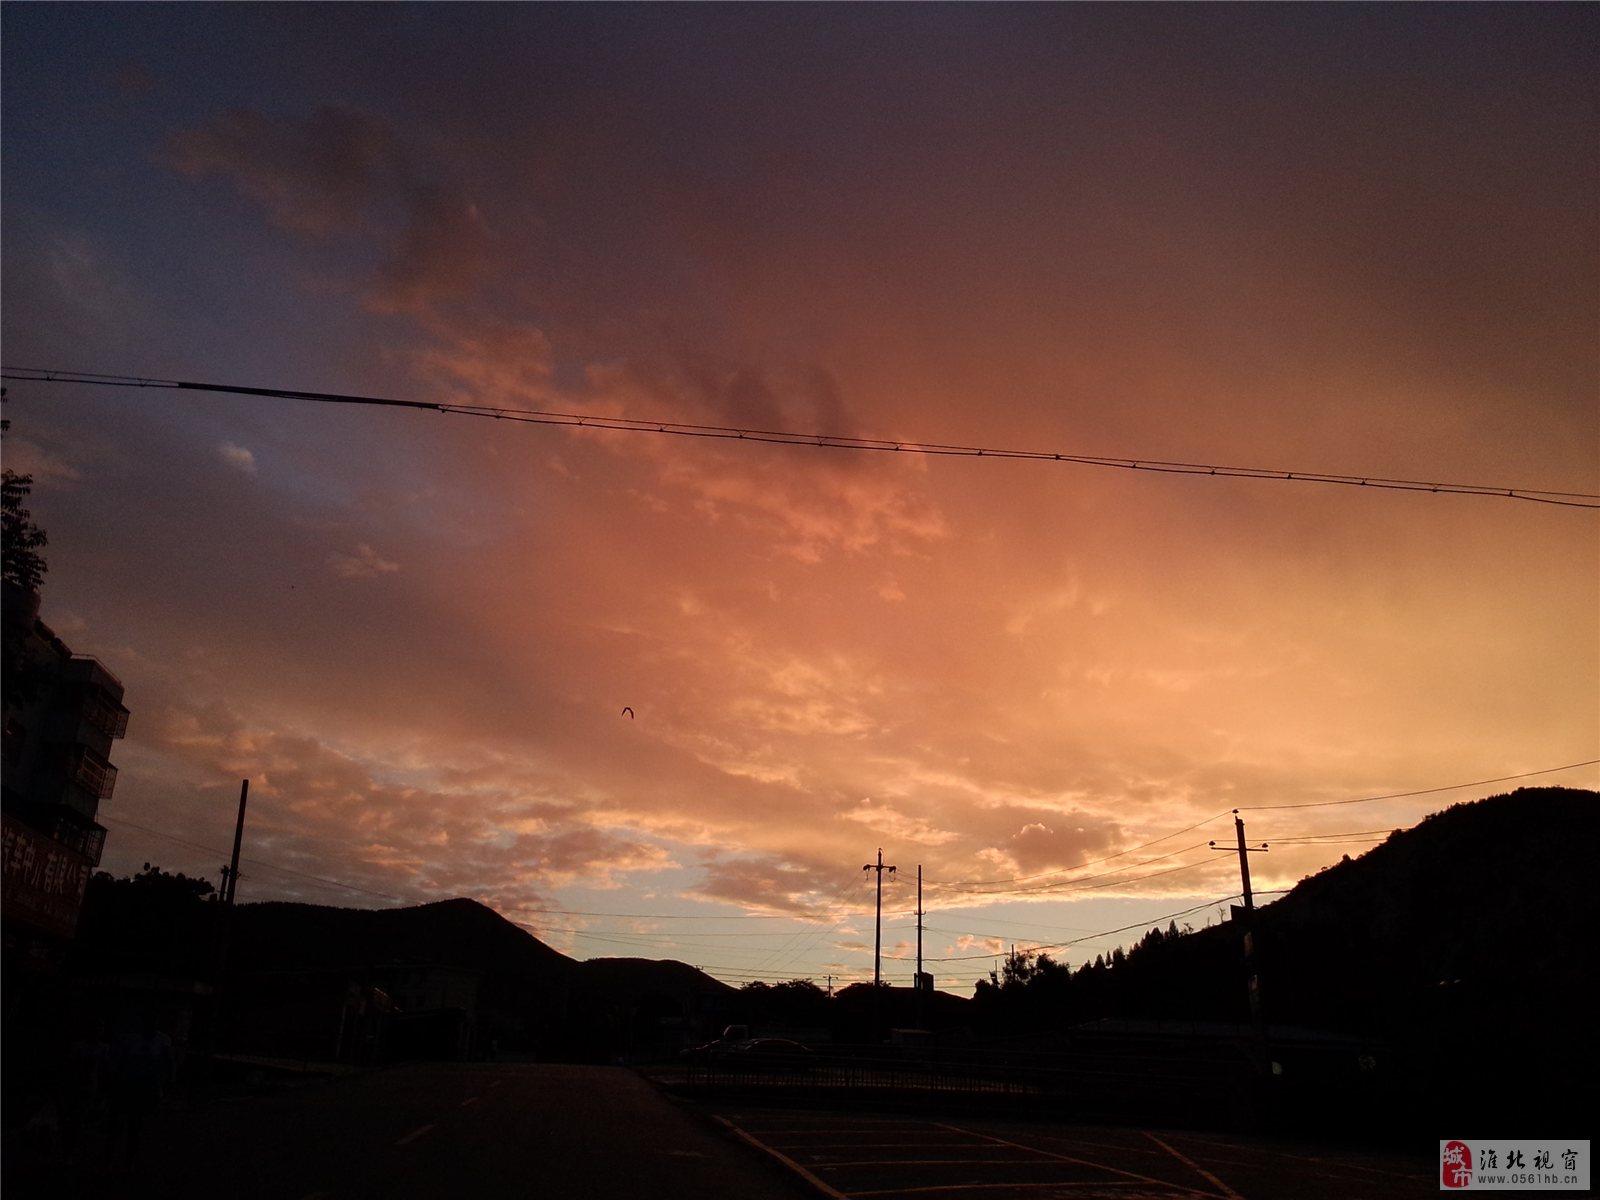 今天下雨前拍的